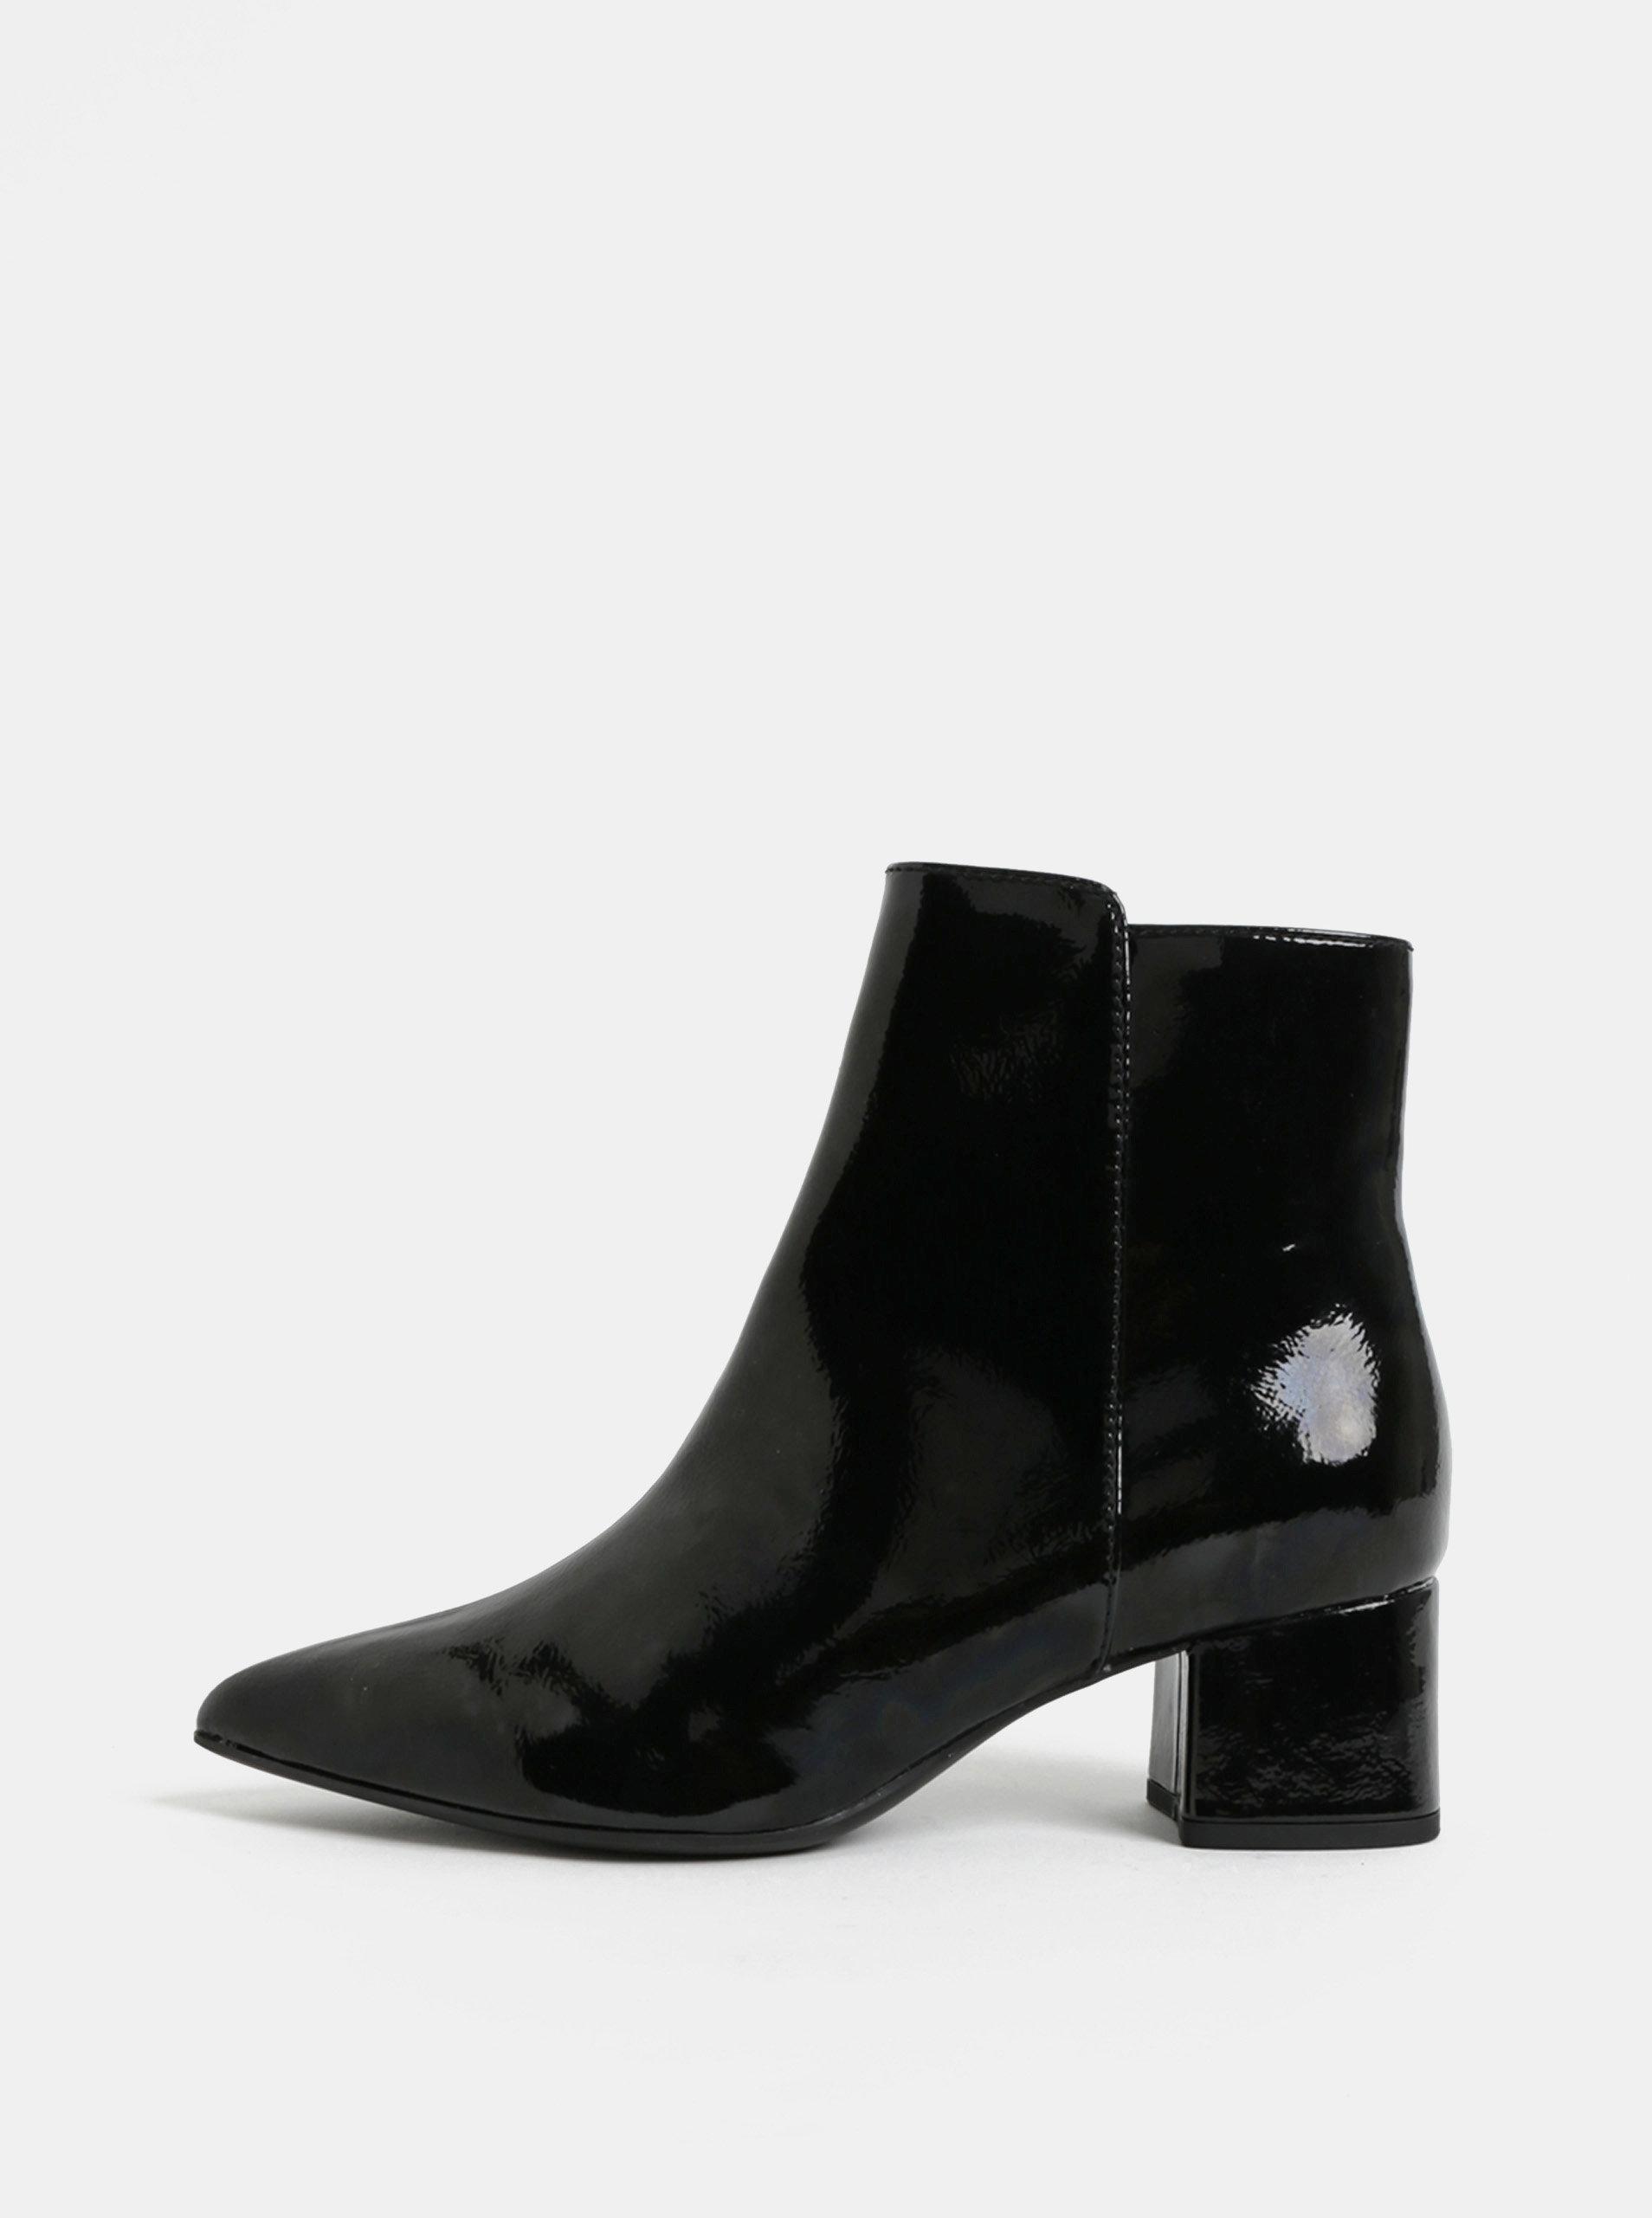 467c74bde23 Černé lesklé kotníkové boty na nízkém podpatku Tamaris ...